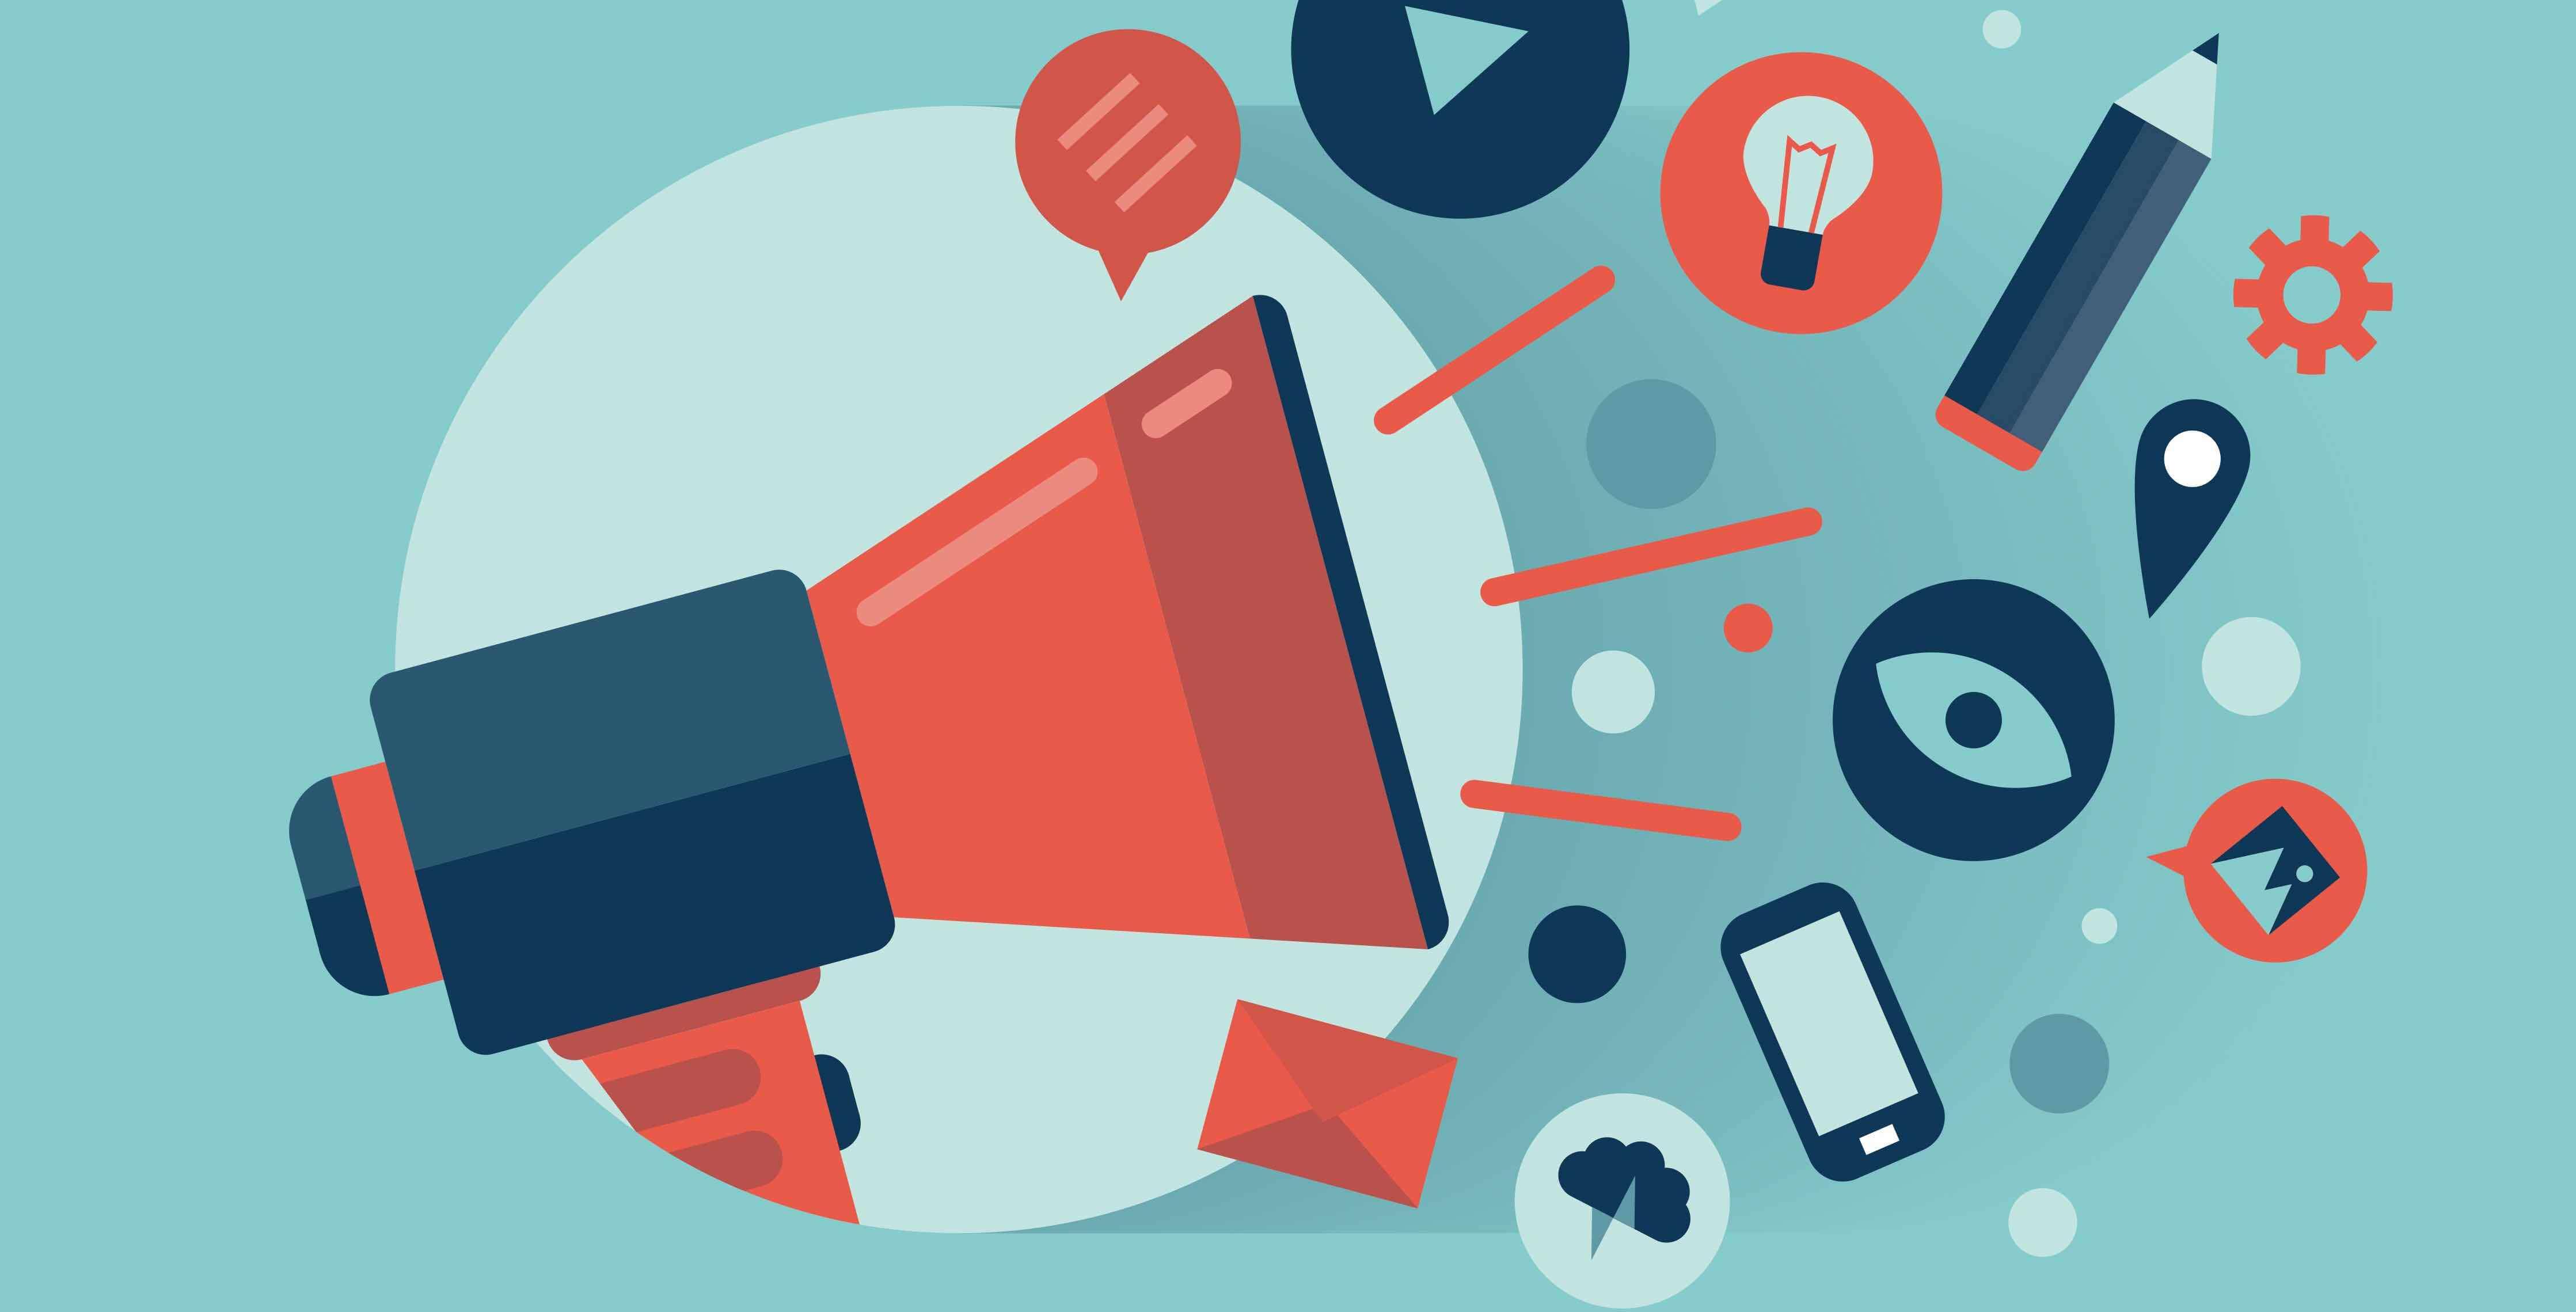 کسب و کار اینترنتی - فروش اینترنتی